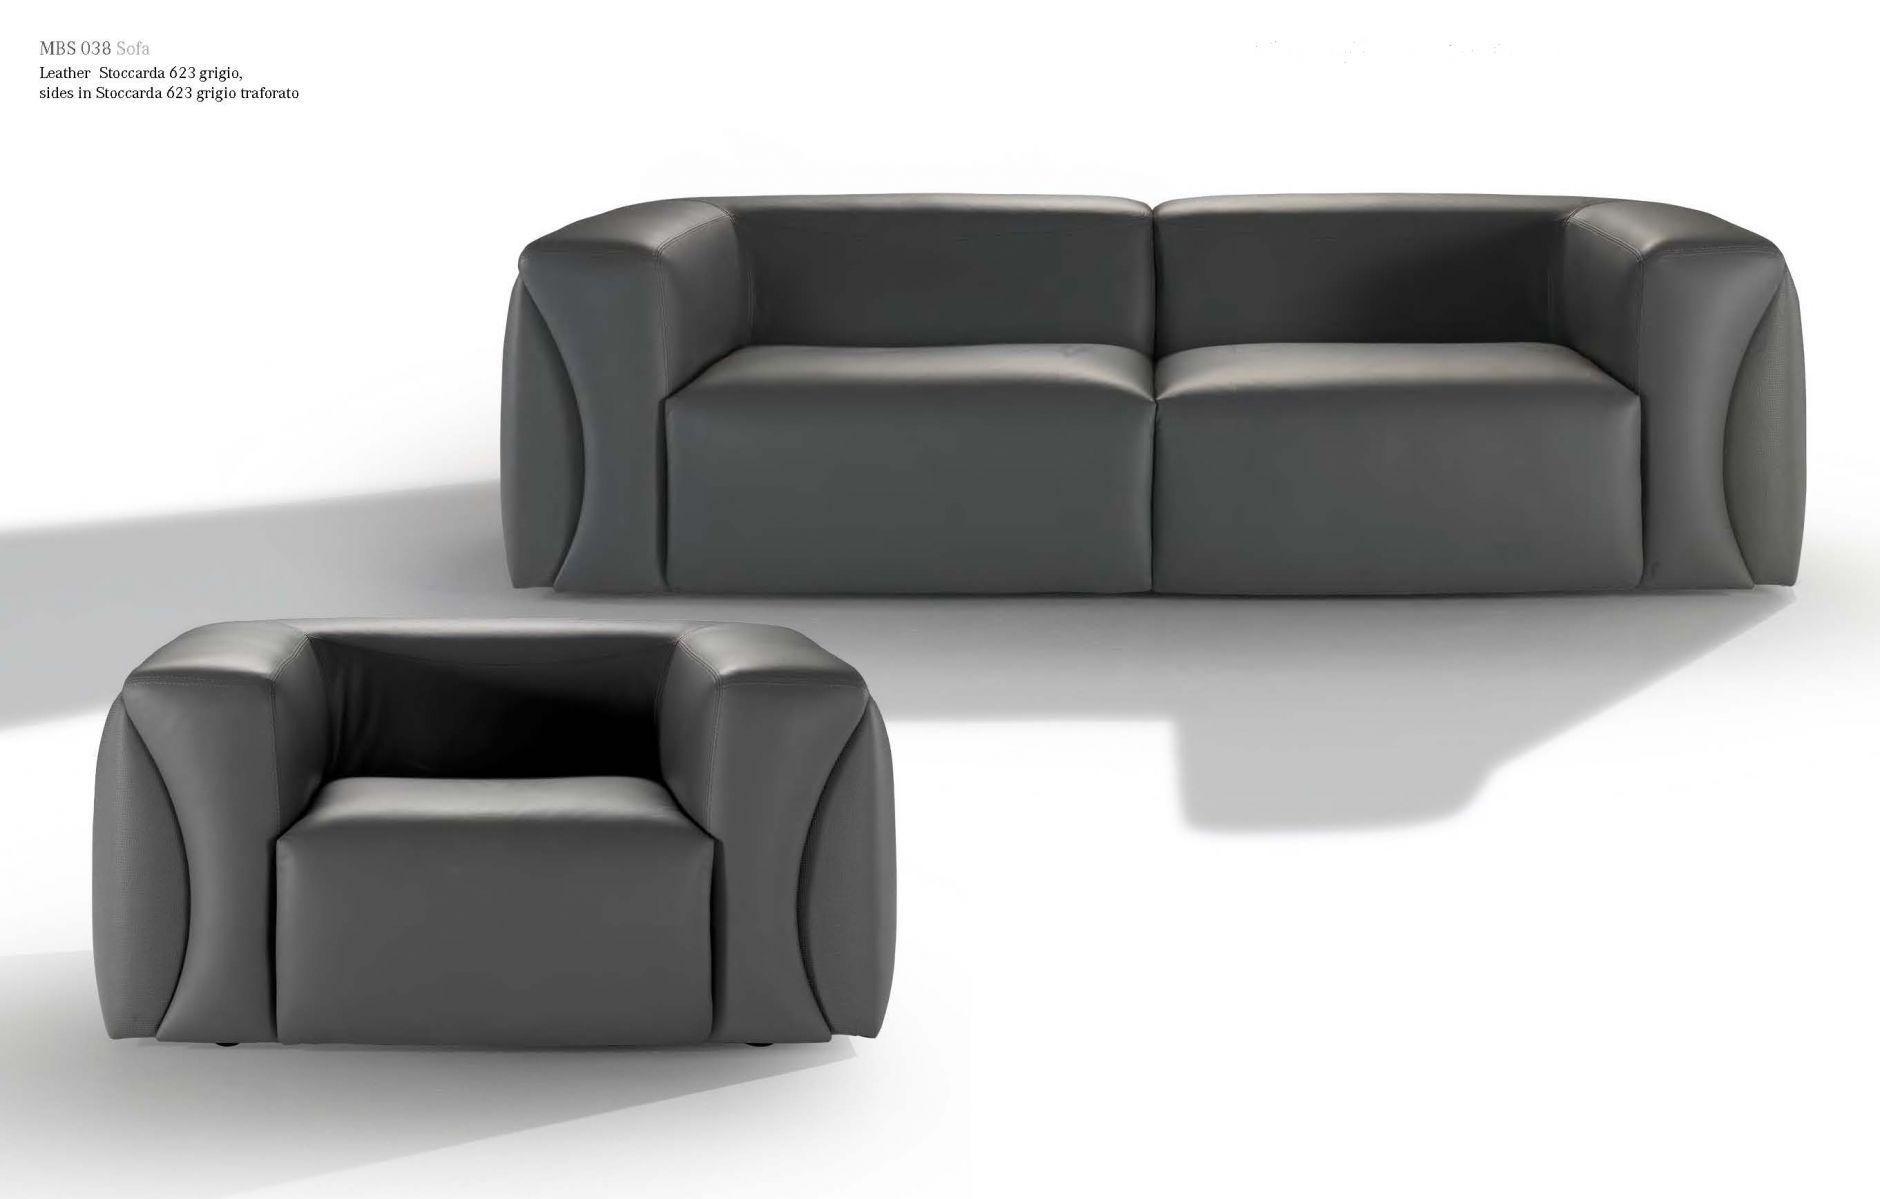 Vip Sofas Luxuriöse Sofas Mercedes Benz Style 038die Möbel Aus